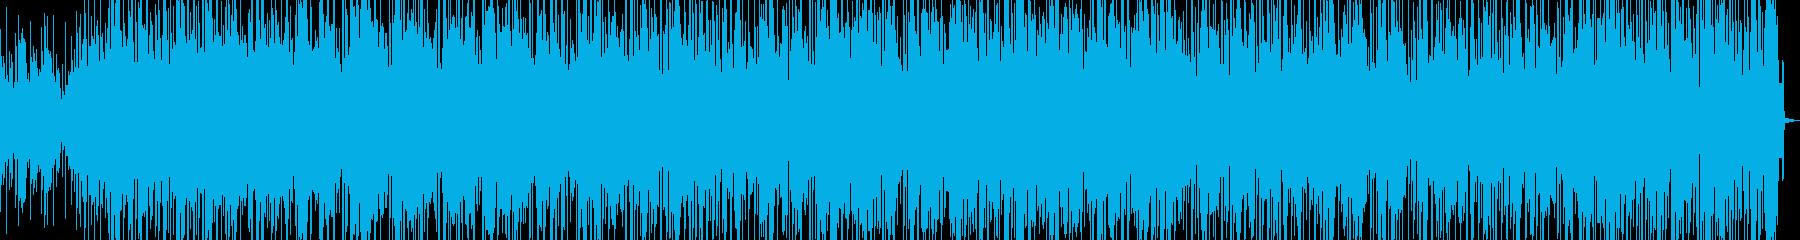 ヒップホップ、男性ボーカル。ラップ...の再生済みの波形